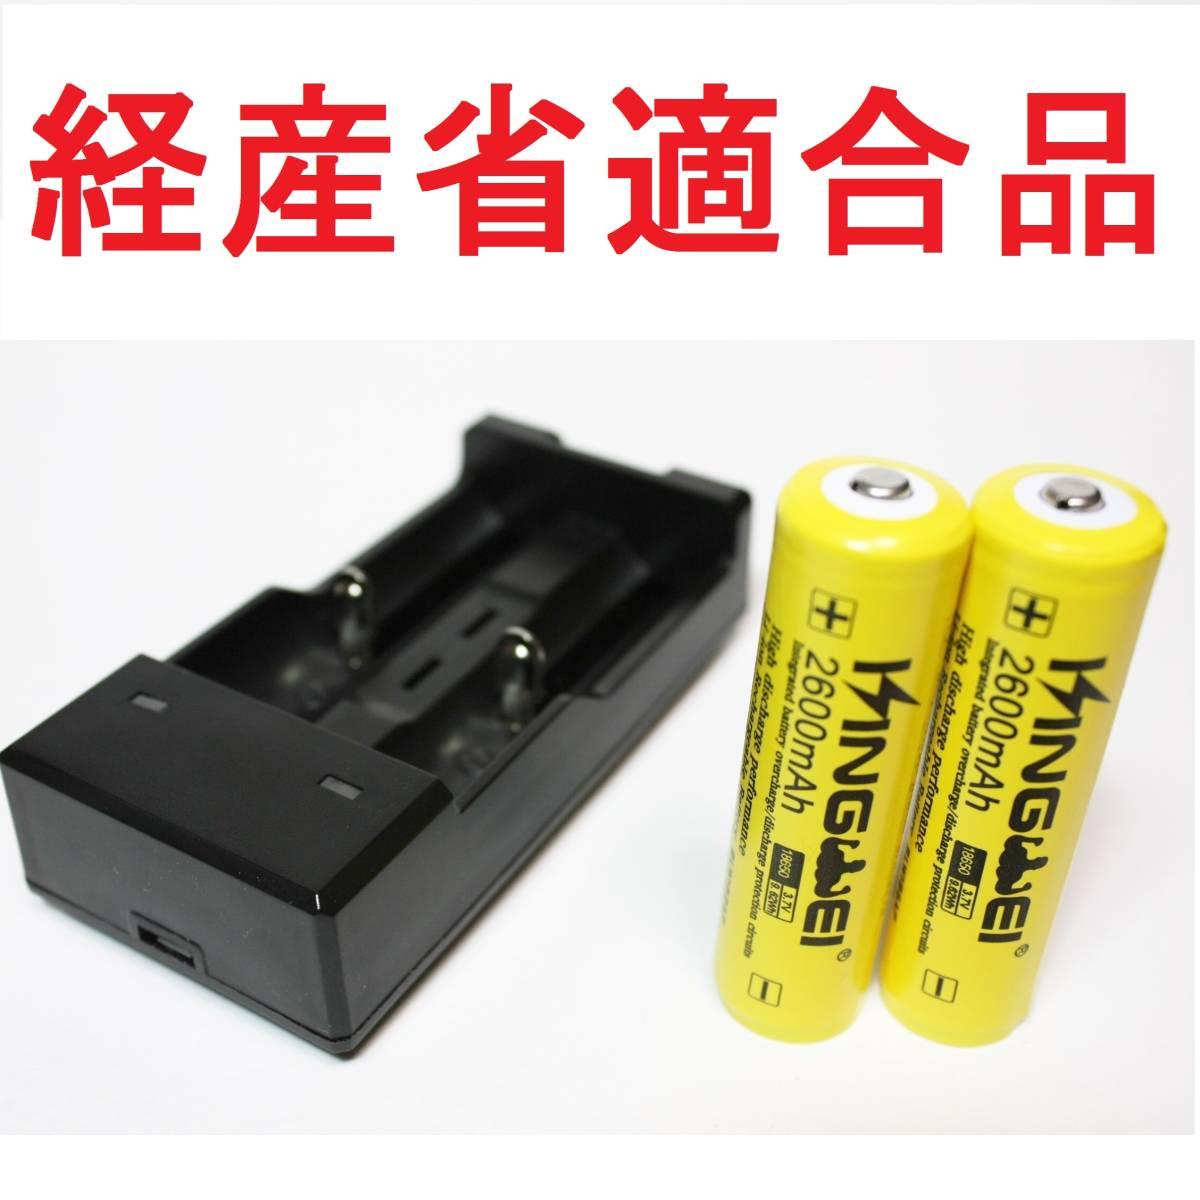 正規容量 18650 経済産業省適合品 リチウムイオン 充電池 2本 + 急速充電器 バッテリー 懐中電灯 ヘッドライト05_画像1